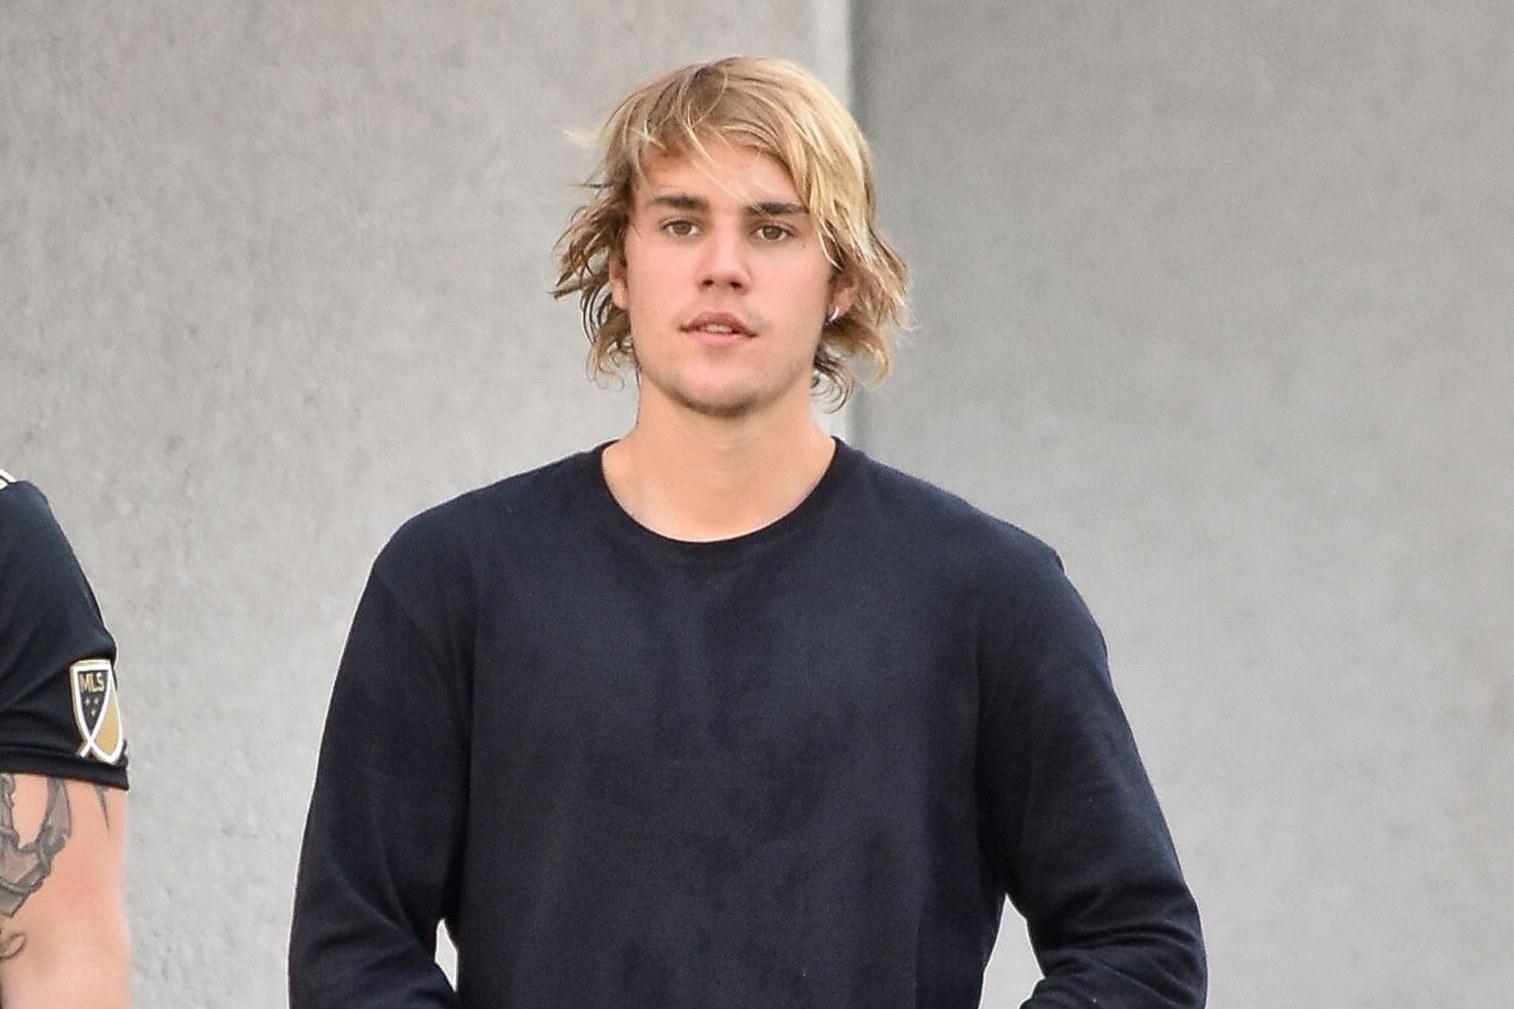 Justin Bieber convida fã homossexual para ir à igreja, após ouvir suas queixas